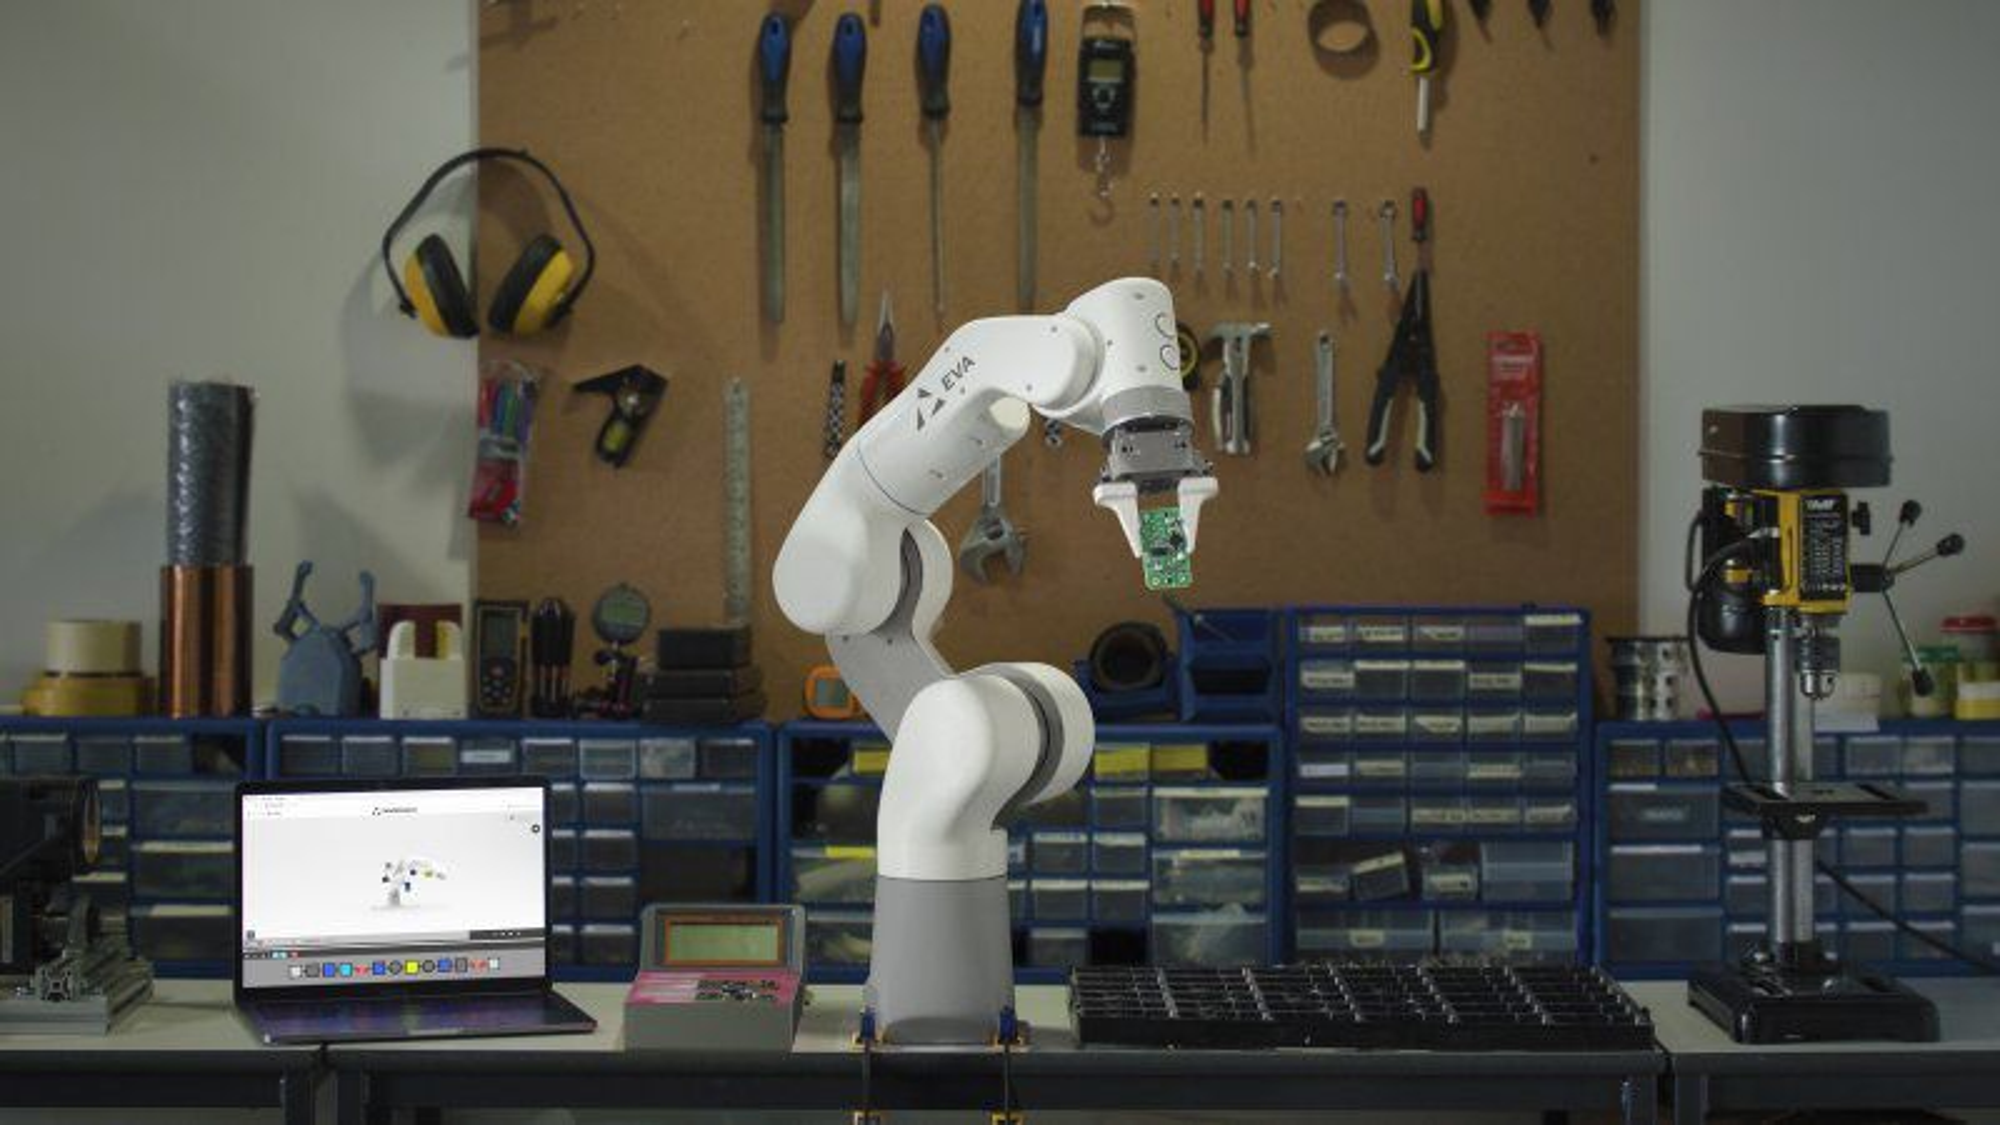 Med sine bare åtte kilo er Eva-roboten, ifølge Automata, lett nok til å bli flyttet rundt i produksjonen eller laboratoriet etter behov. Ifølge en dansk robotforsker minner Eva om den tyske lavbudsjettsroboten Franka.(Foto: Automata)